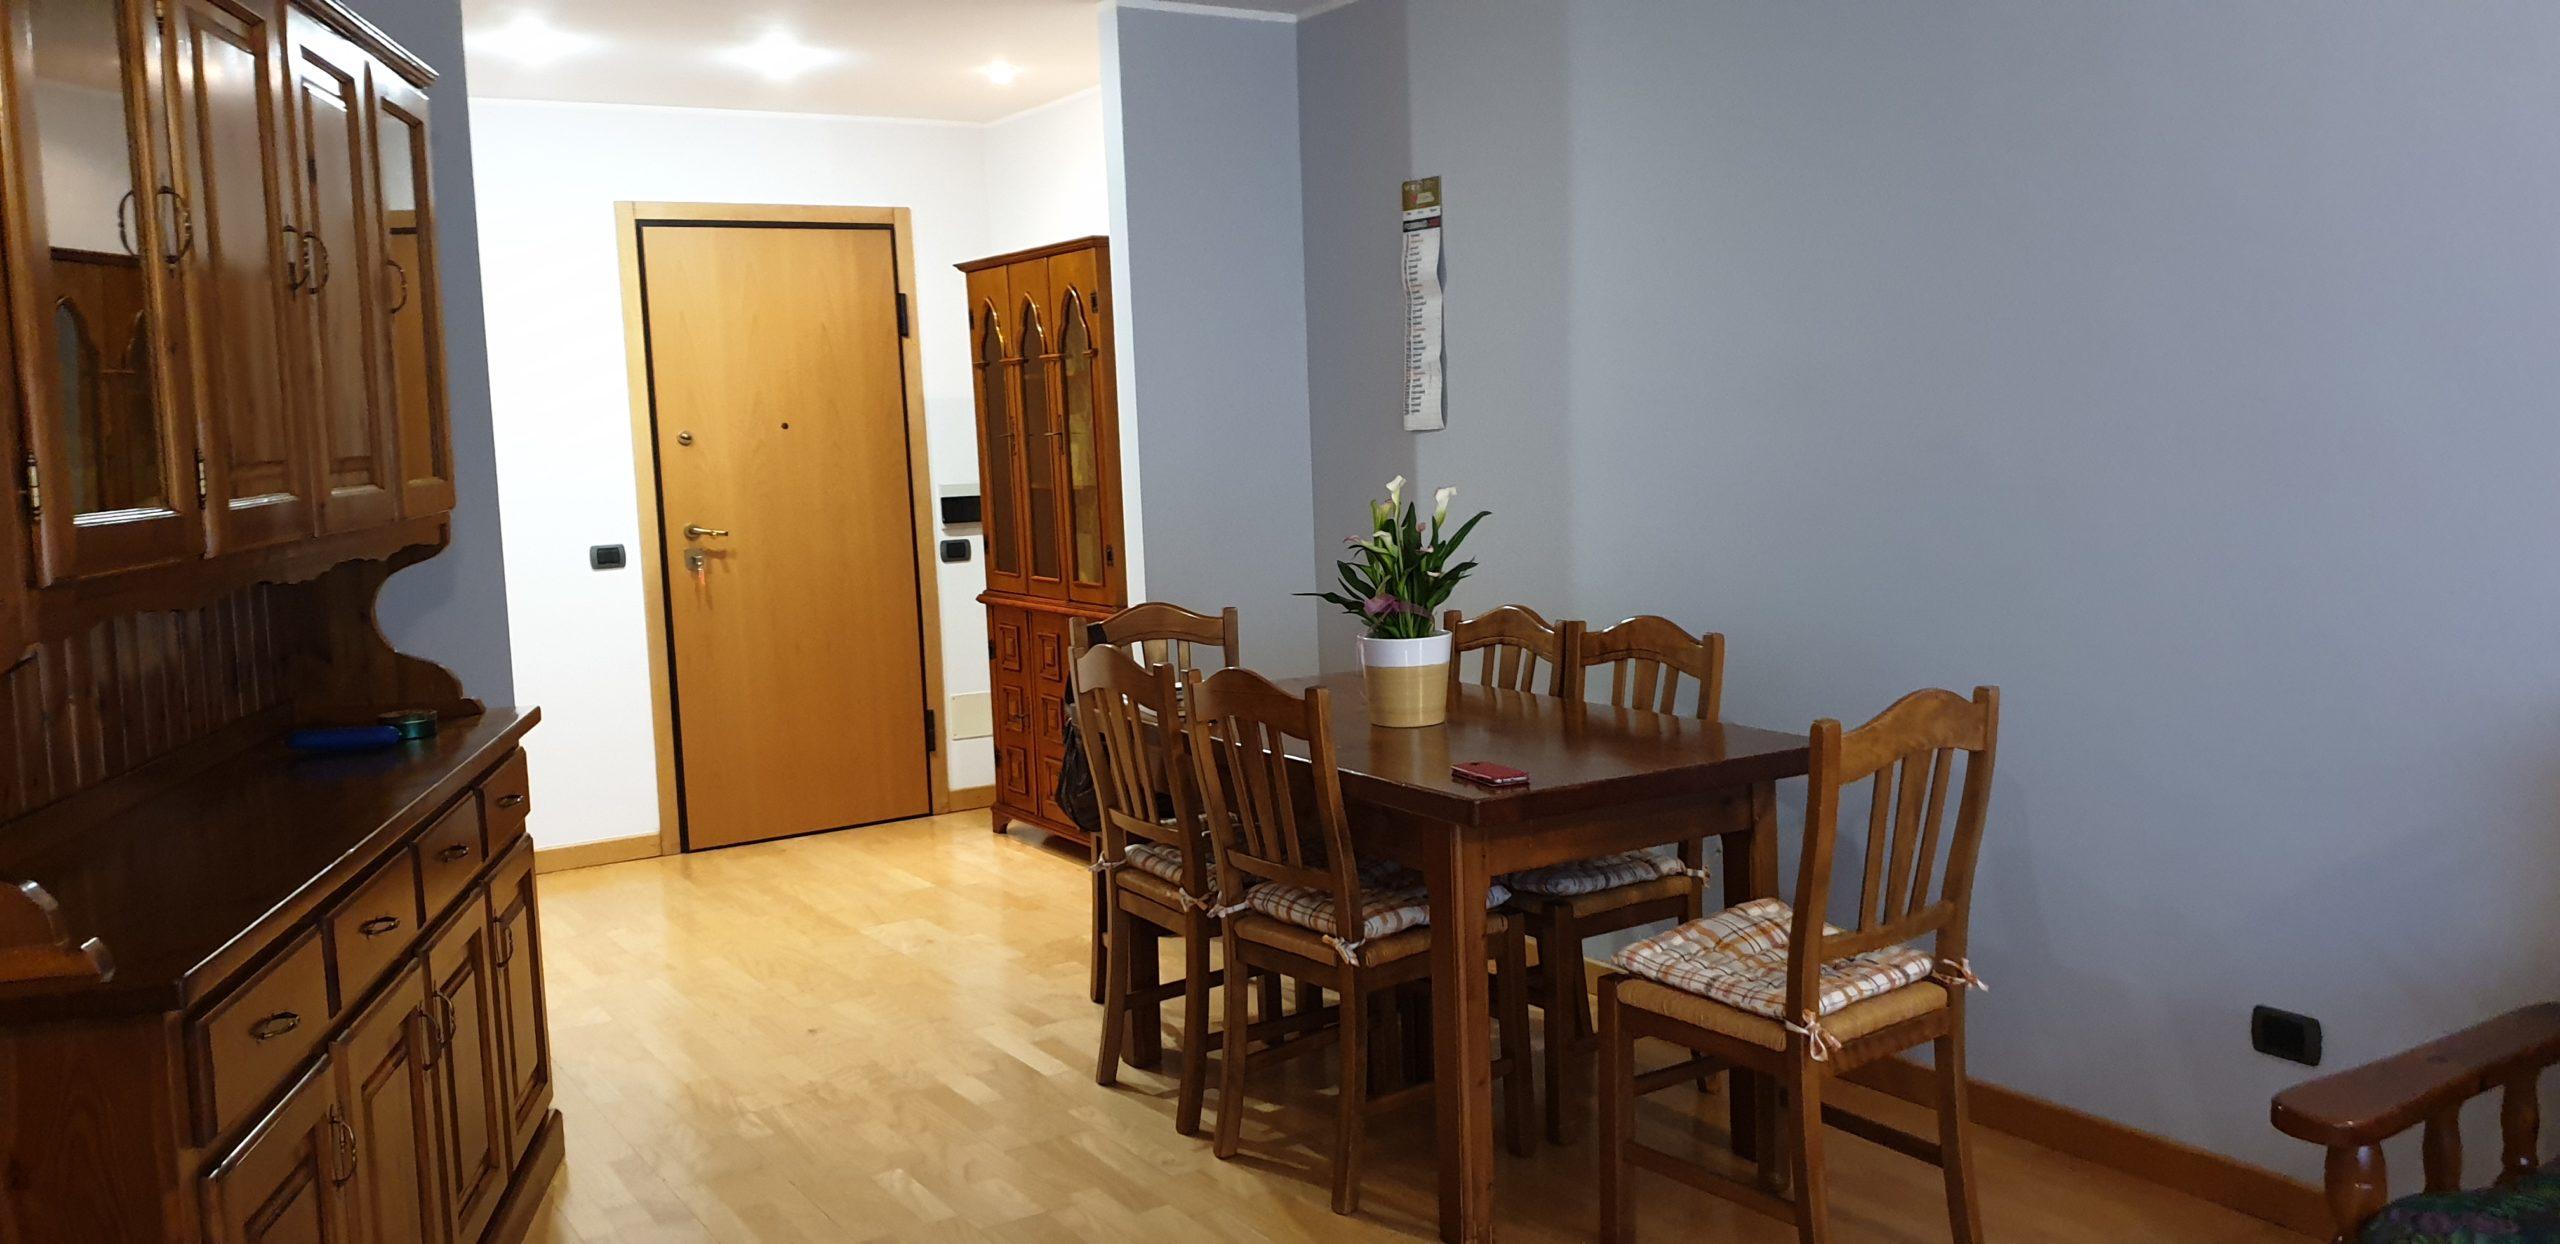 trilocale cucina abitabile ristrutturato